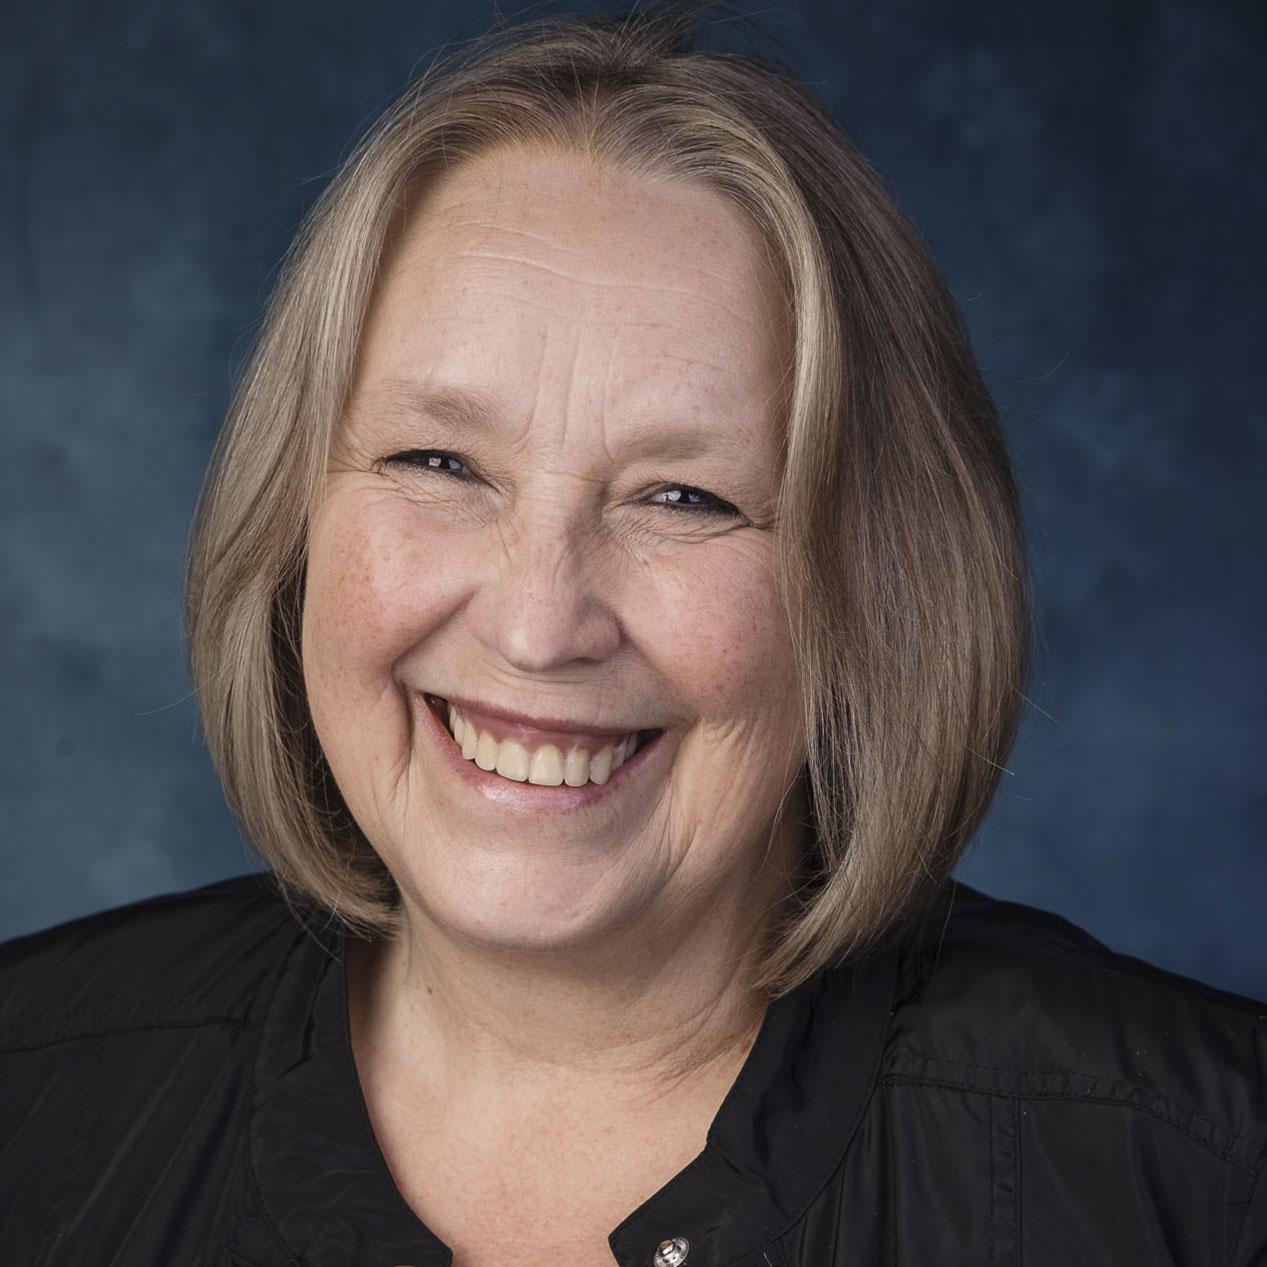 Jeanette Widmann